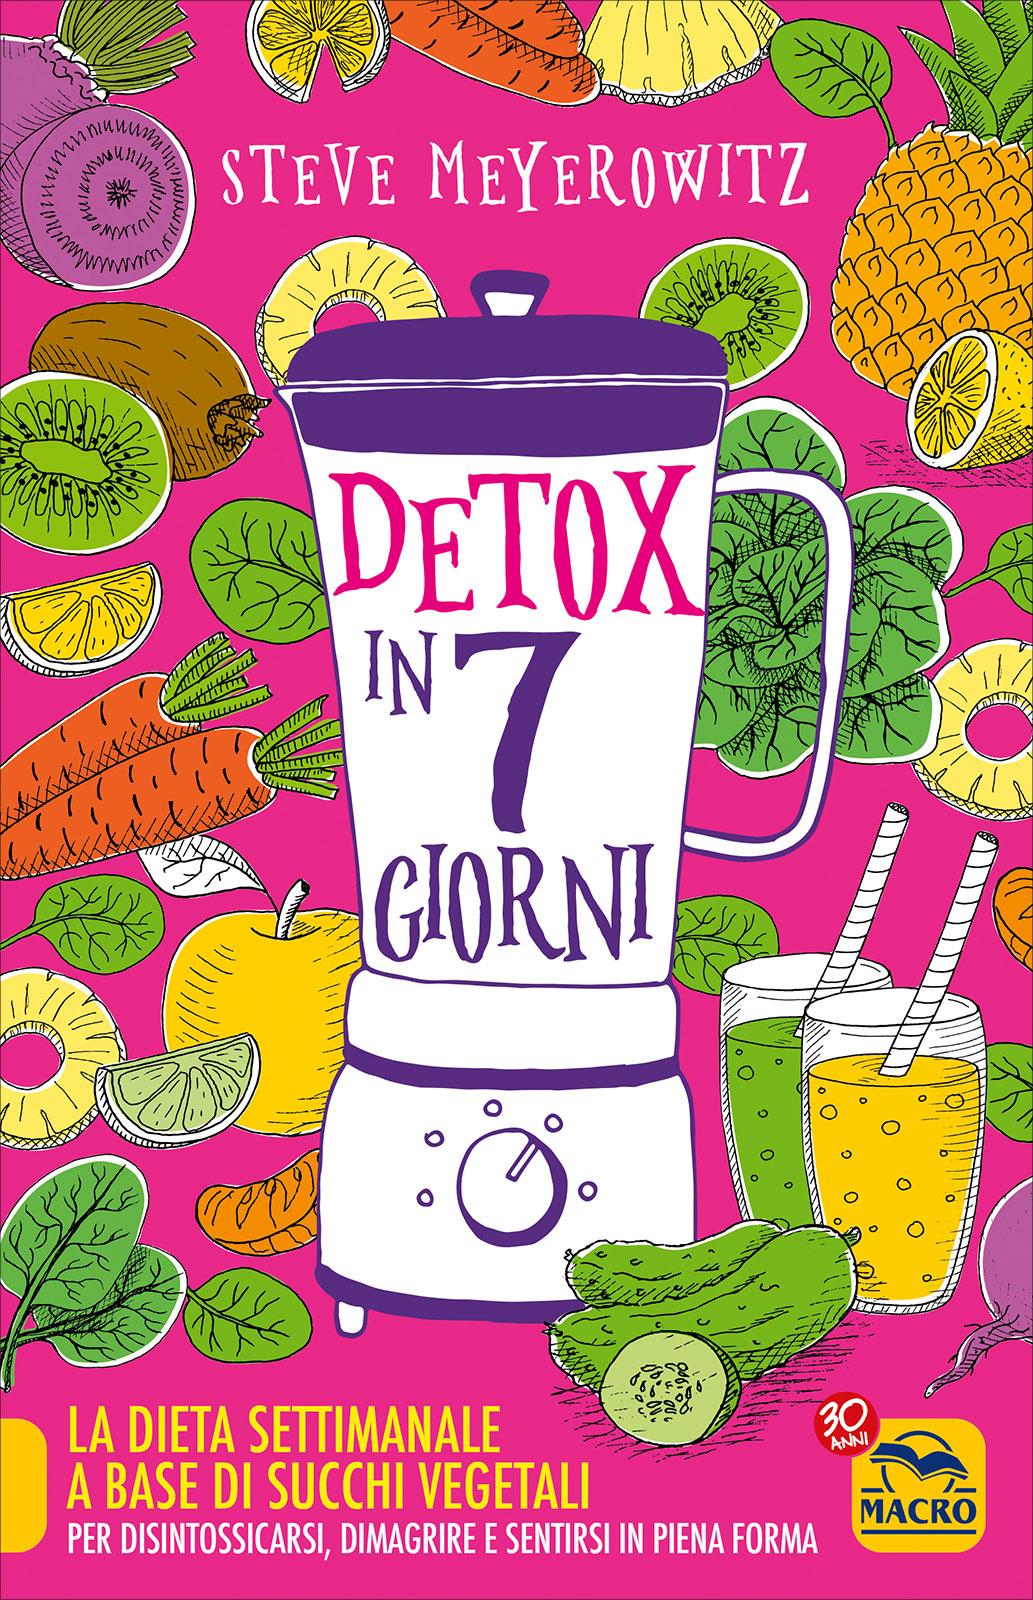 il menu settimanale della dieta disintossicante